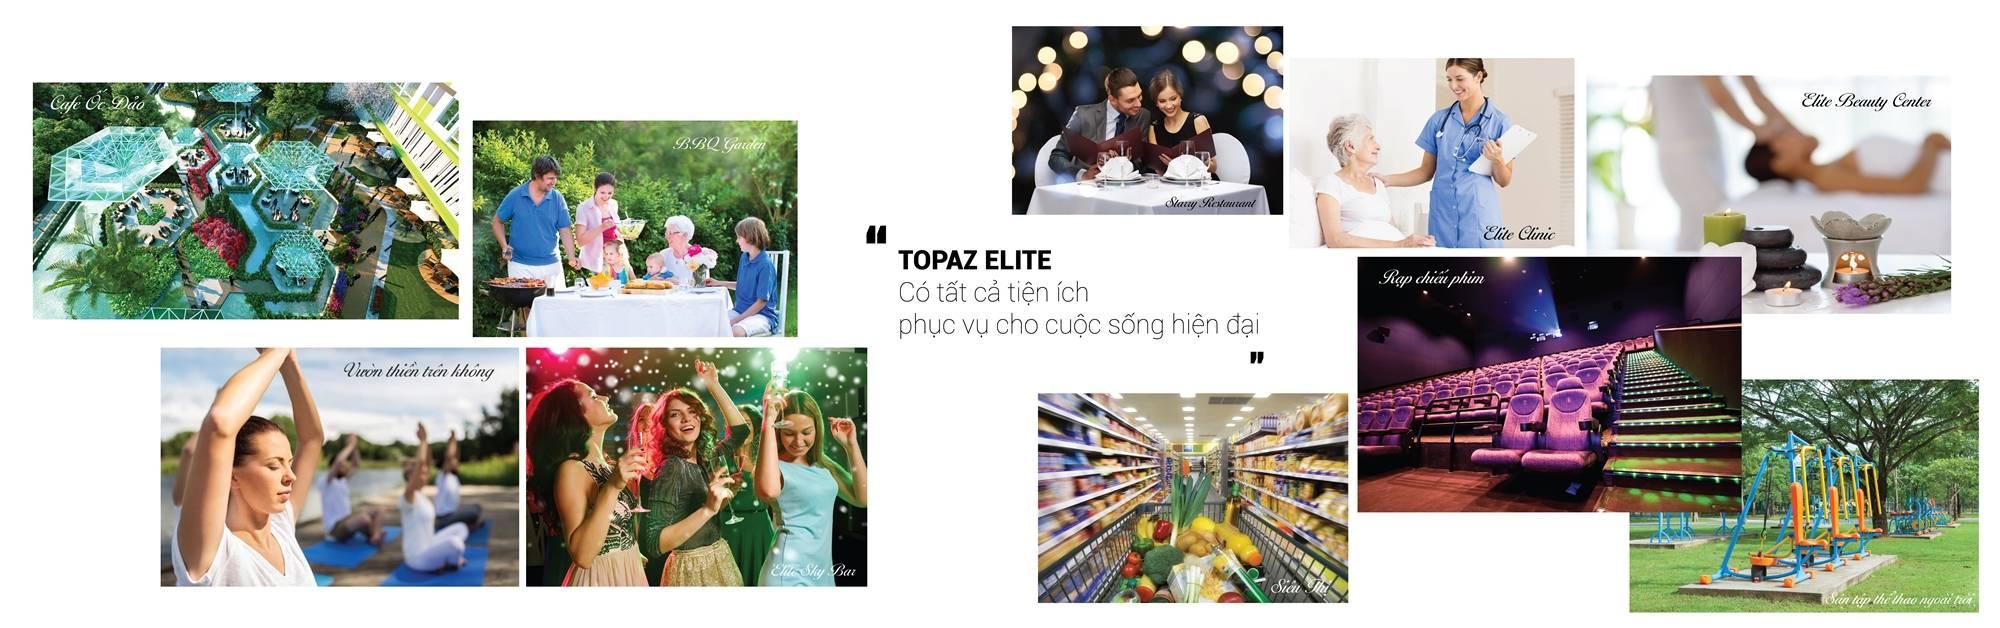 dịch vụ cộng đồng căn hộ topaz elite quận 8